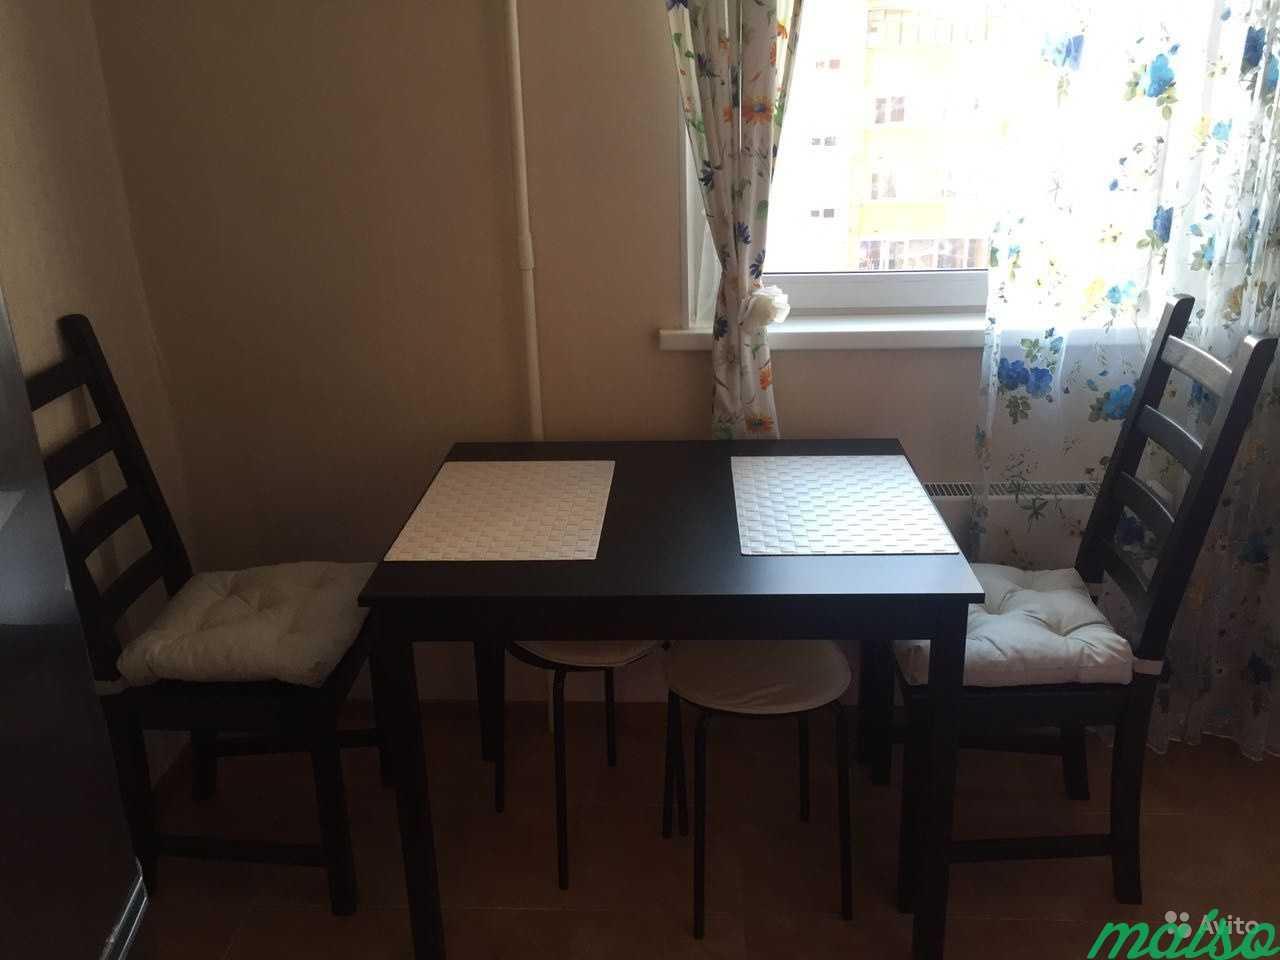 Продам стол и два стула в Москве. Фото 2